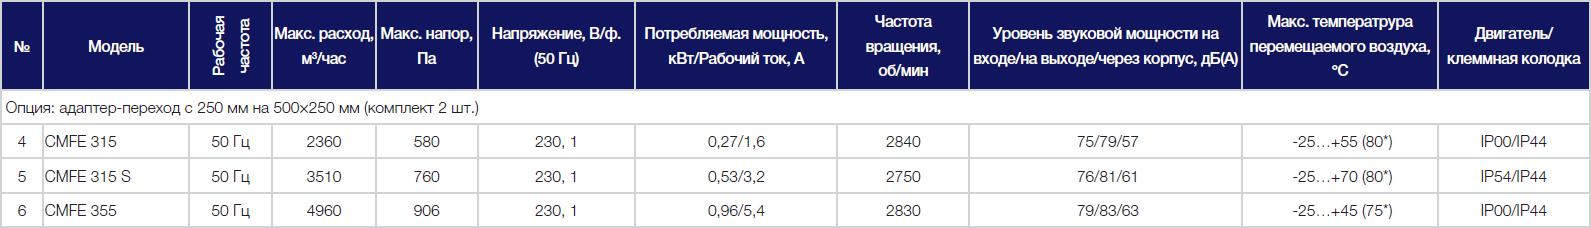 Технические параметры вентиляторов Shuft CMFE 355